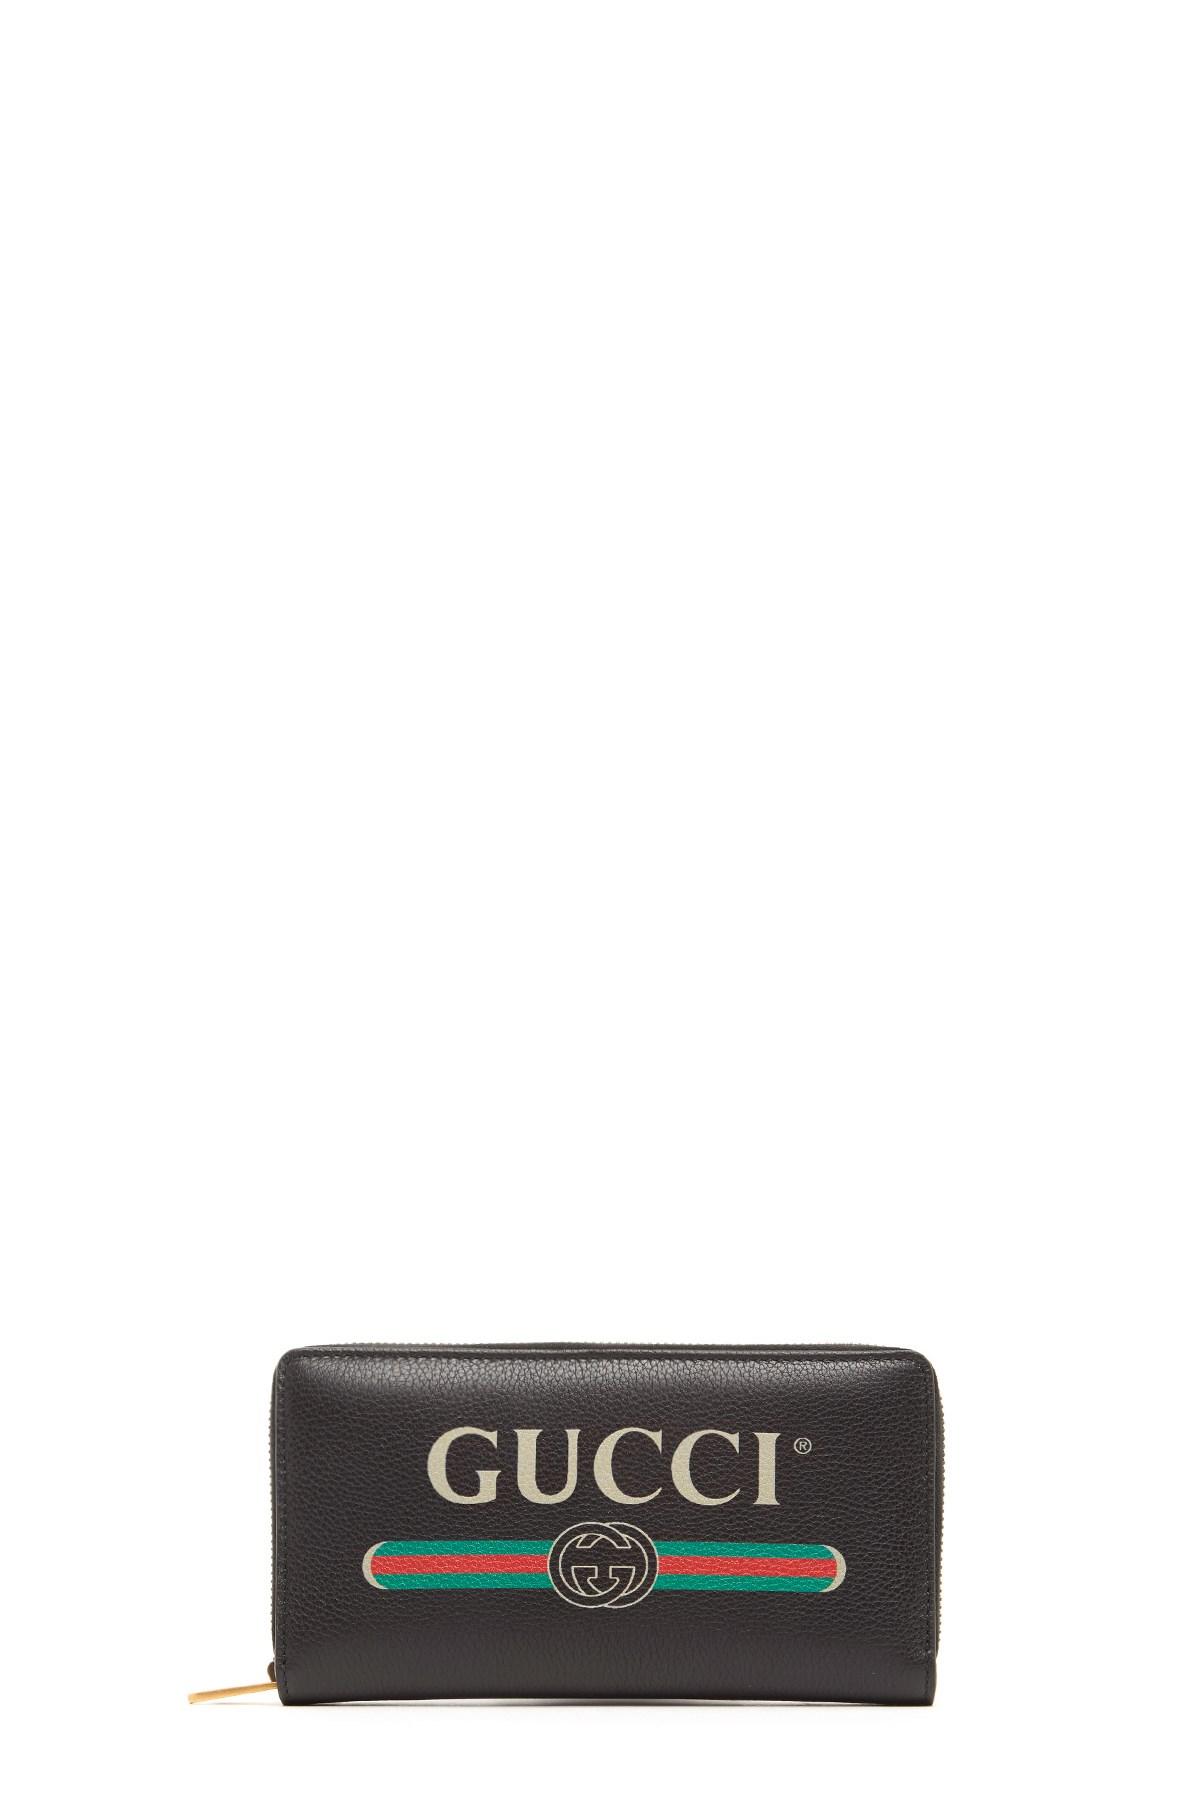 gucci portafoglio  gucci print  su julian-fashion.com - 59935 8aa85282a6f2